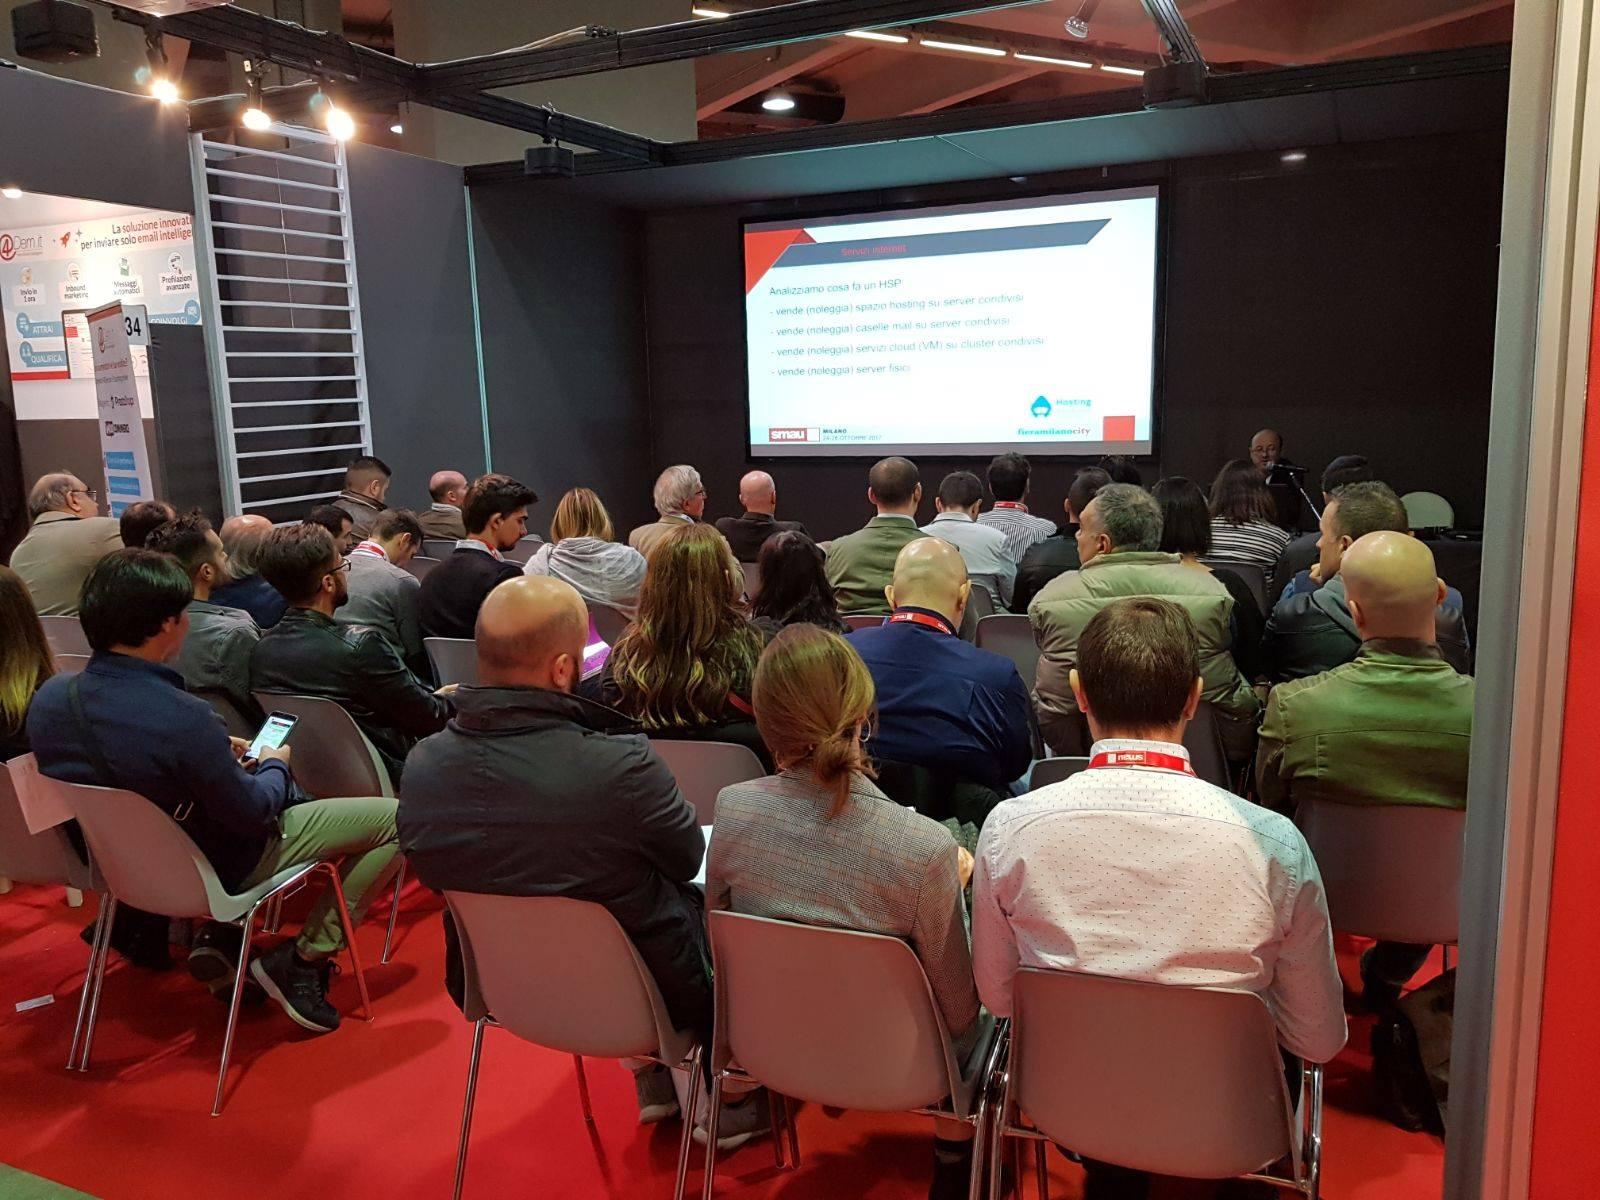 Workshop Hosting Solutions presentato dall'ingegnere Francesco Leoncino.